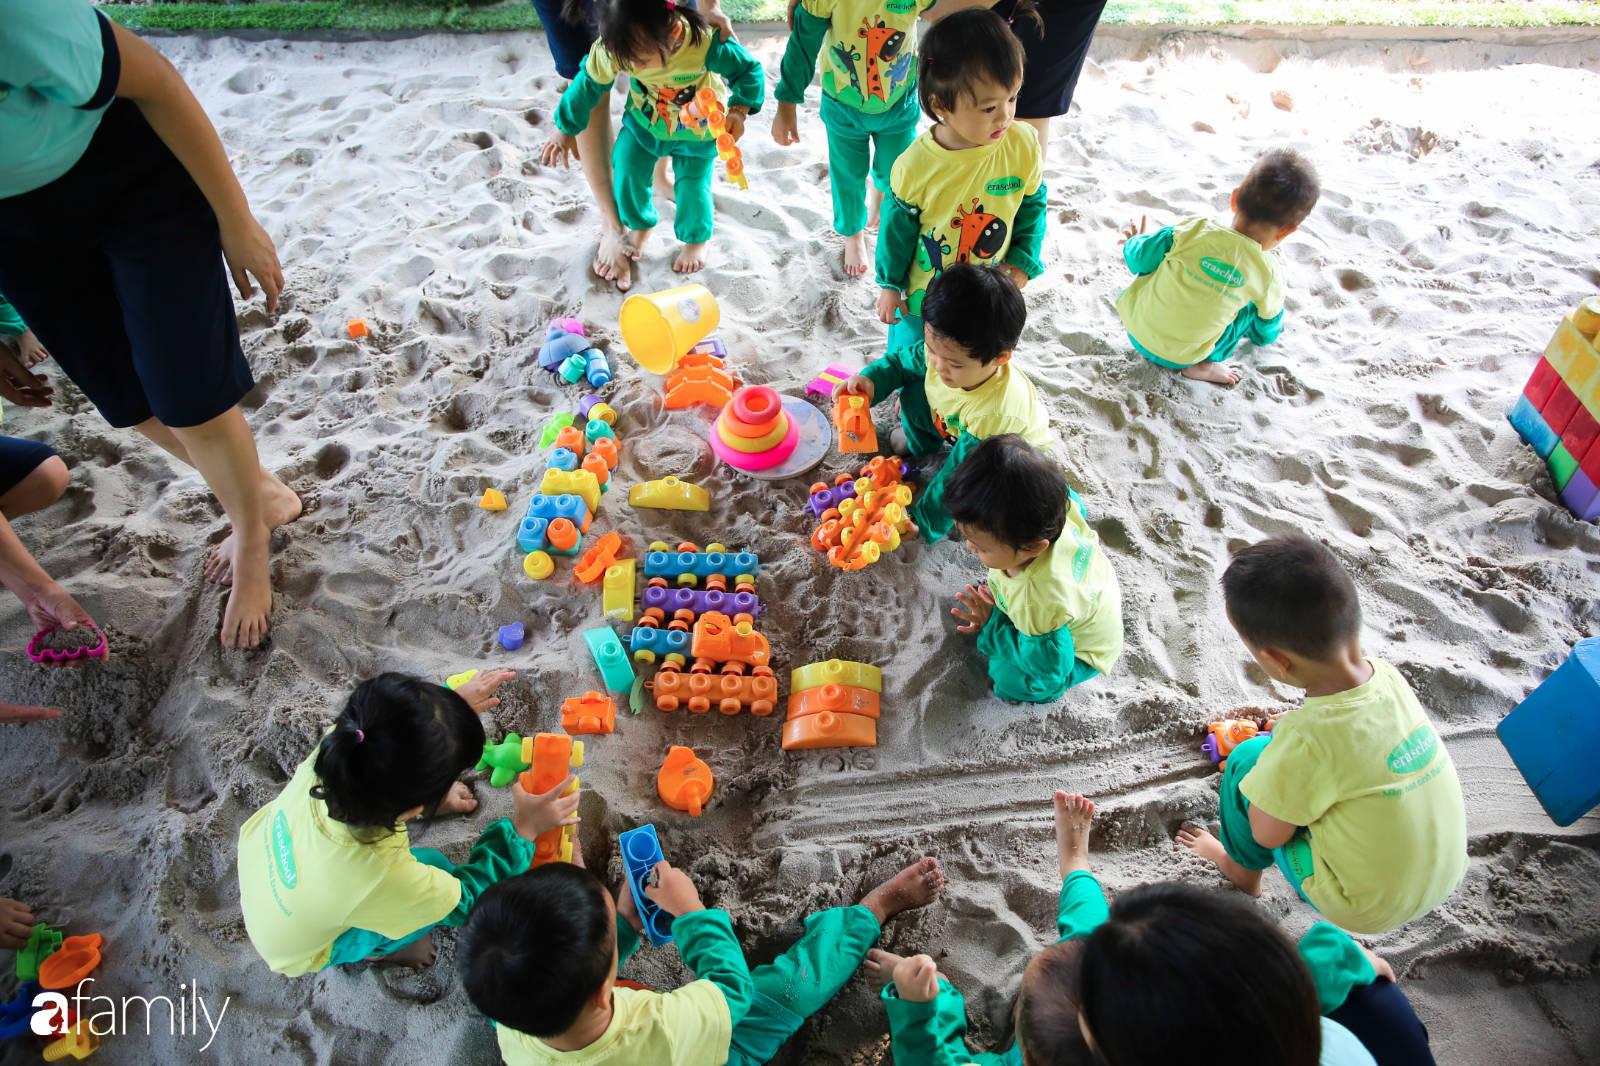 Ghé thăm trường mầm non sinh thái đầu tiên tại Hà Nội, nơi các con tự khám phá cuộc sống bằng tất cả giác quan - Ảnh 10.